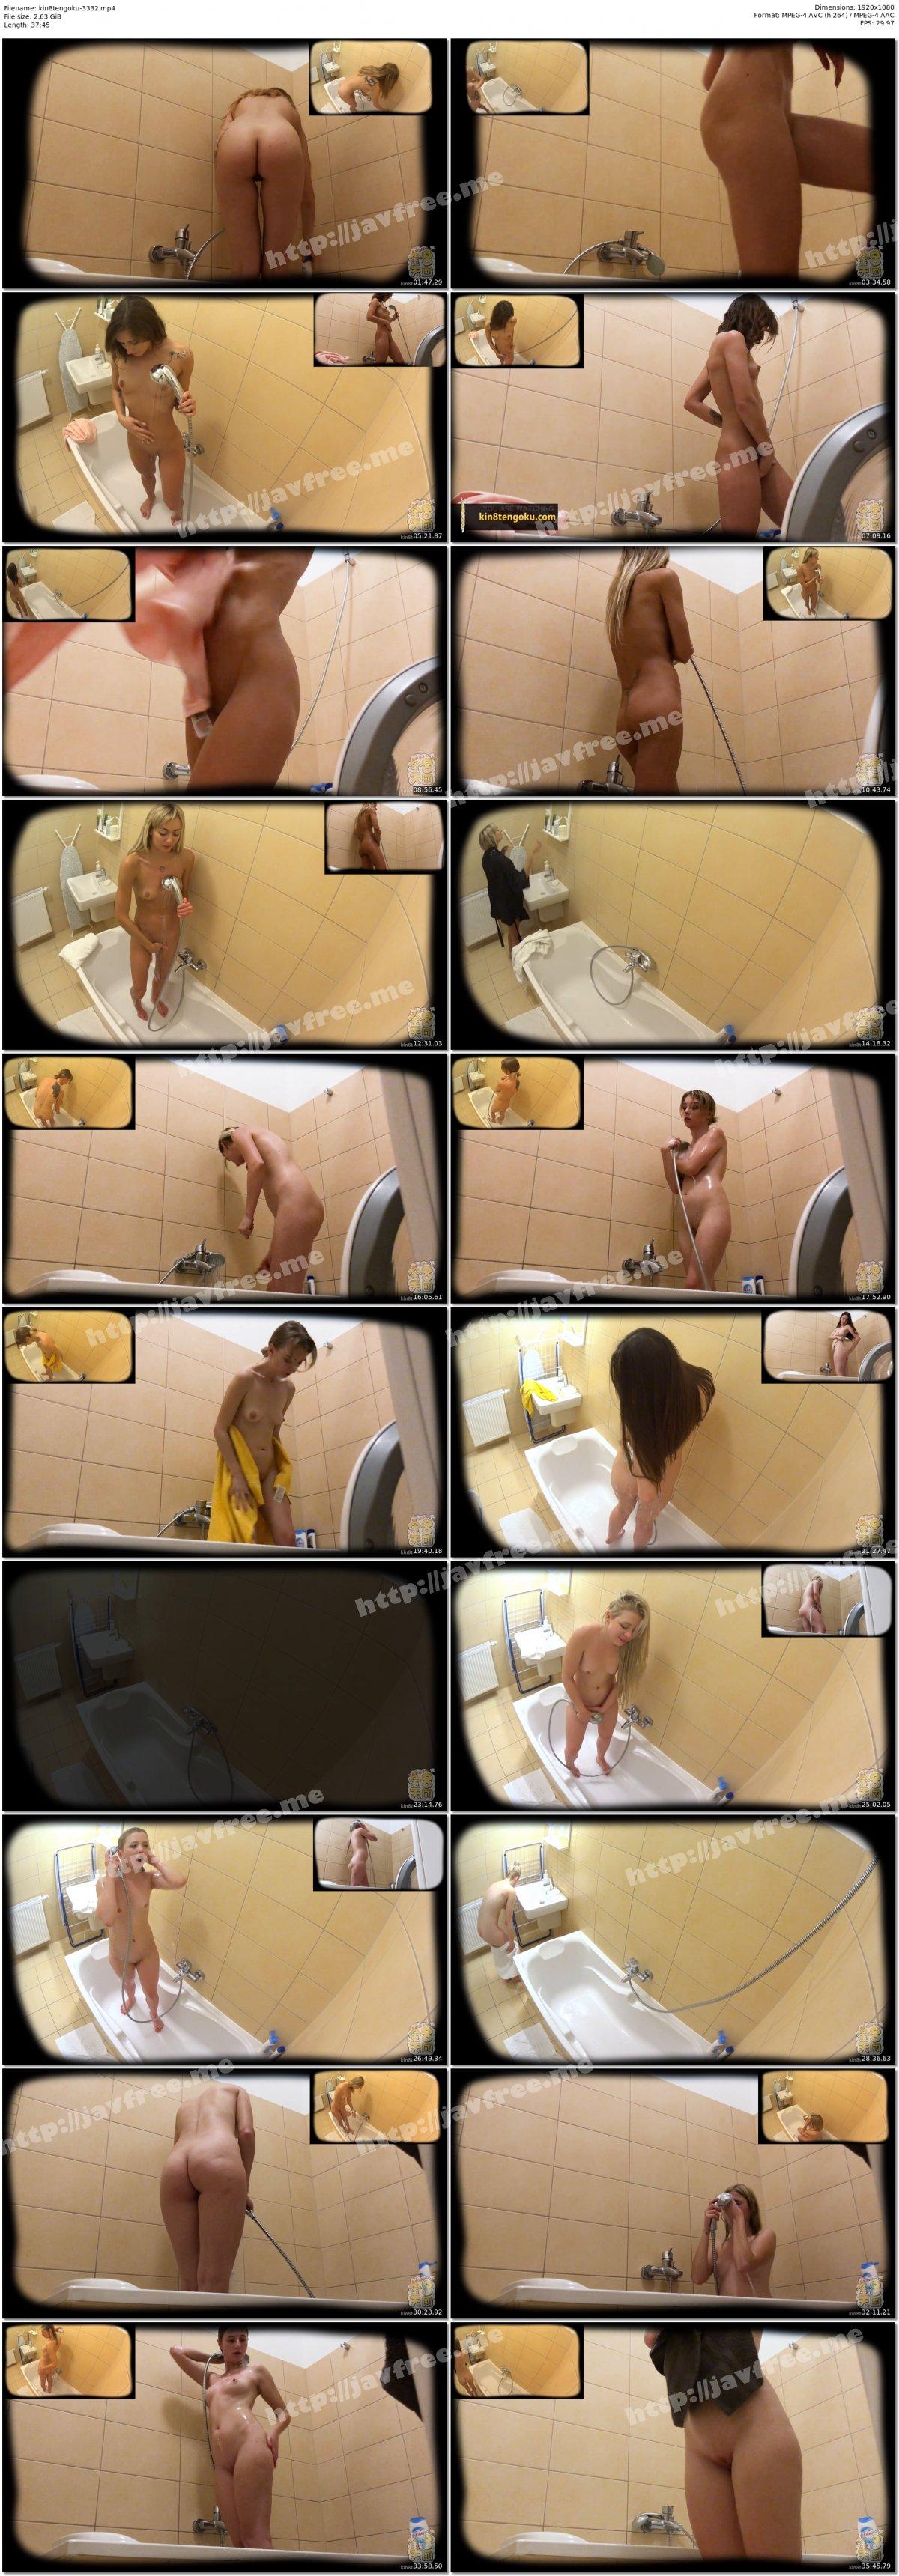 金8天国 3332 期間限定配信 シャワー隠し撮り 女の子は普段はこんな風にシャワーしてるのです 秘蔵未公開映像 / 金髪娘 - image kin8tengoku-3332 on https://javfree.me